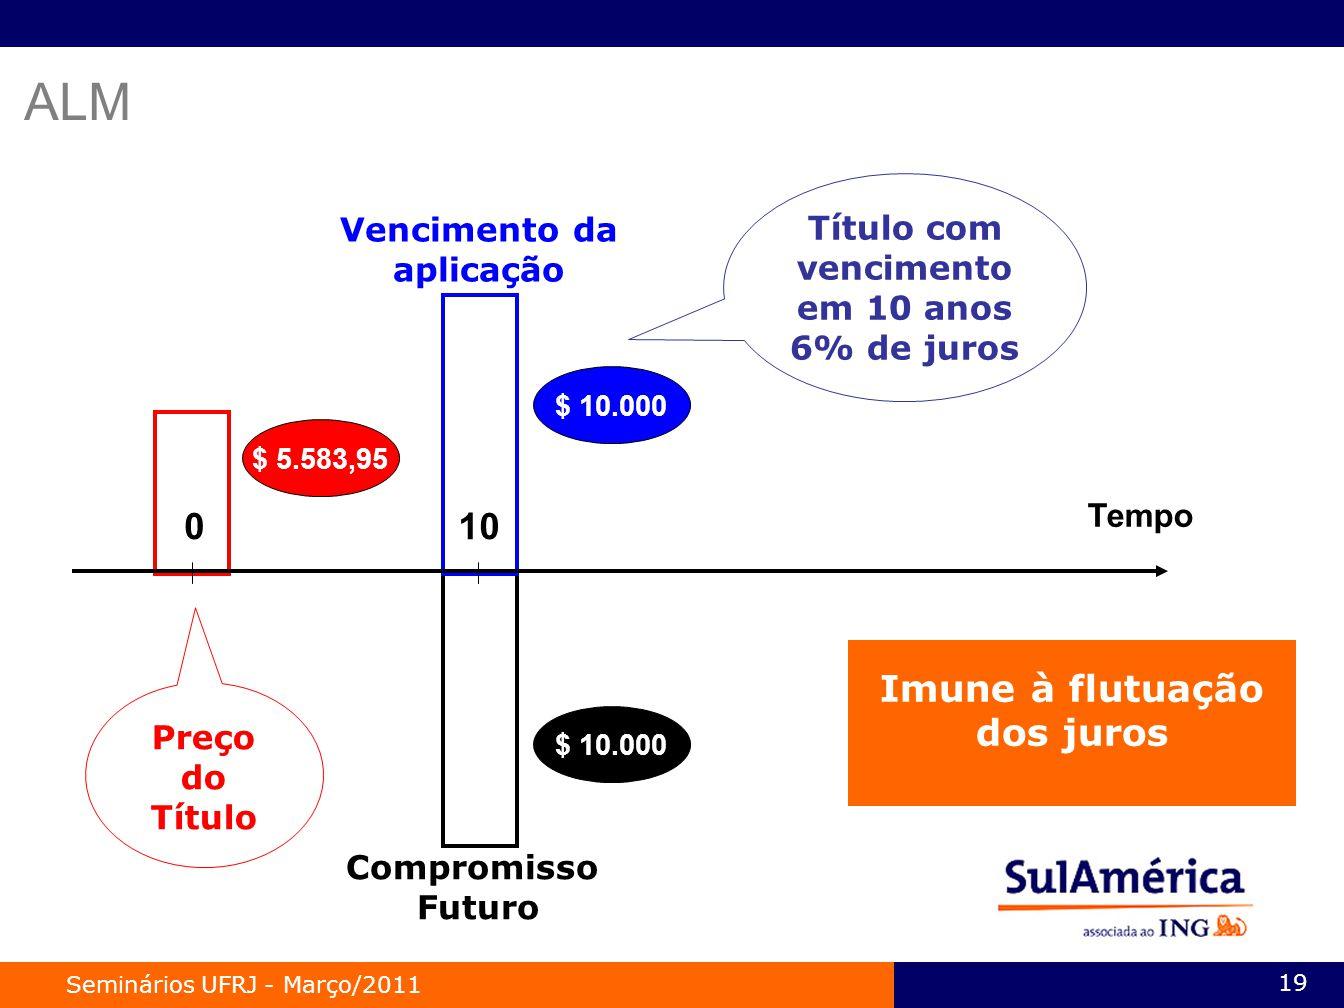 ALM 10 Imune à flutuação dos juros Título com vencimento em 10 anos